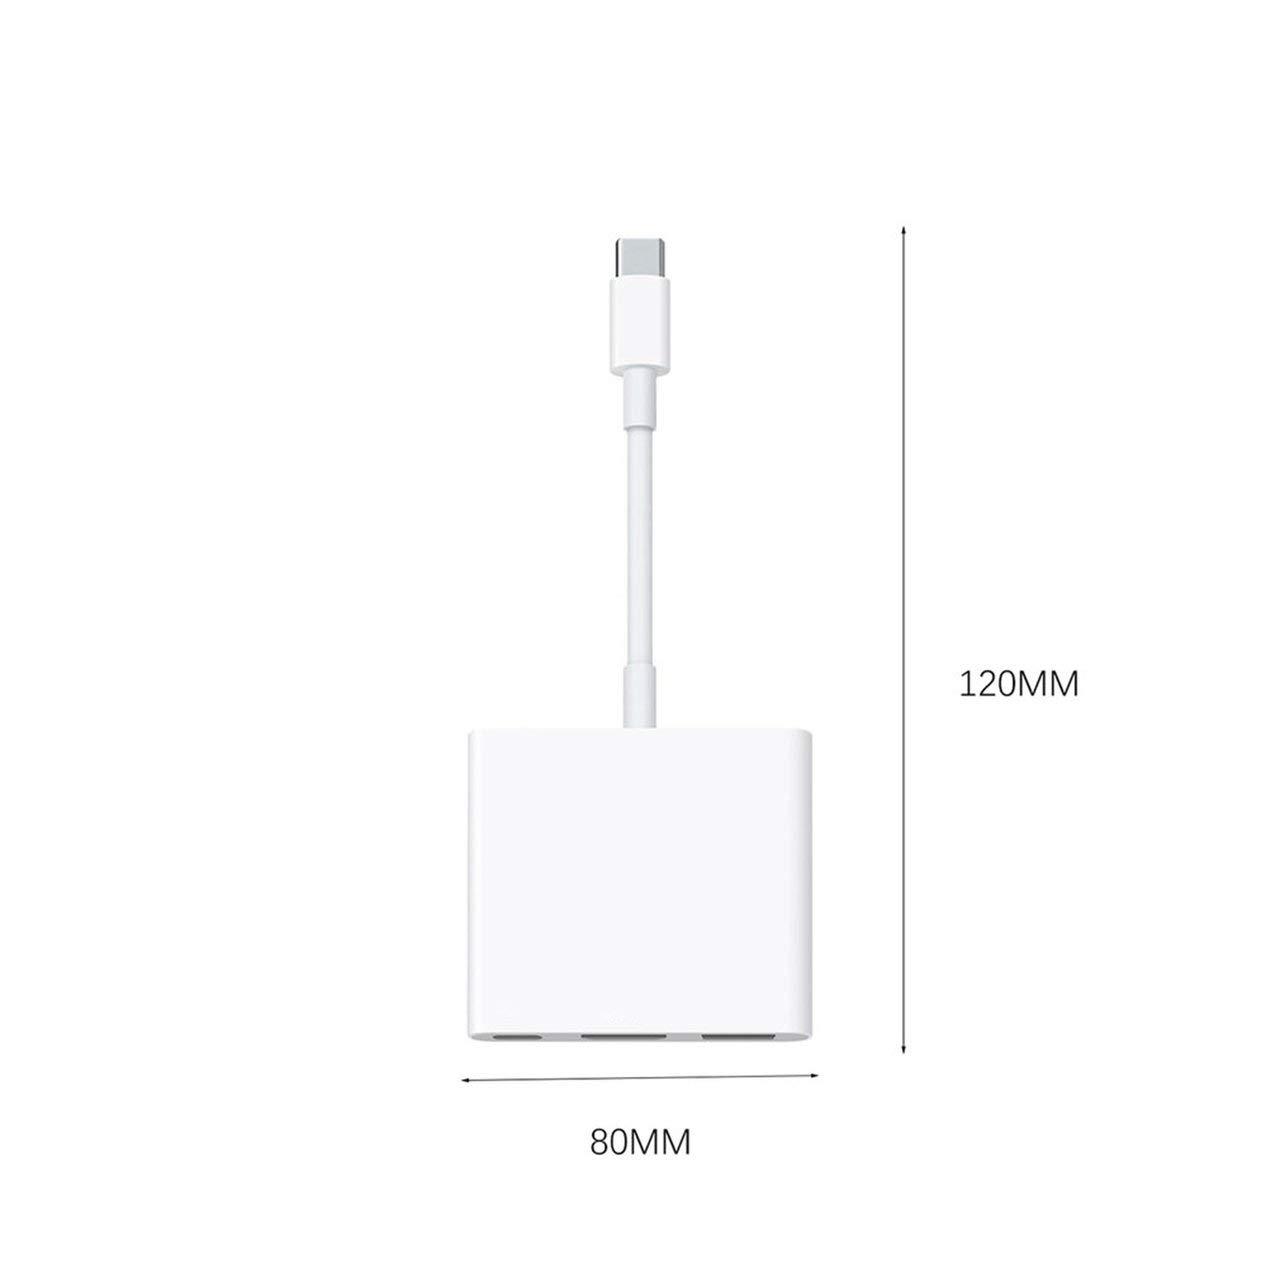 USB-C Digital AV Multiport Adapter with USB Port White Durable for Apple